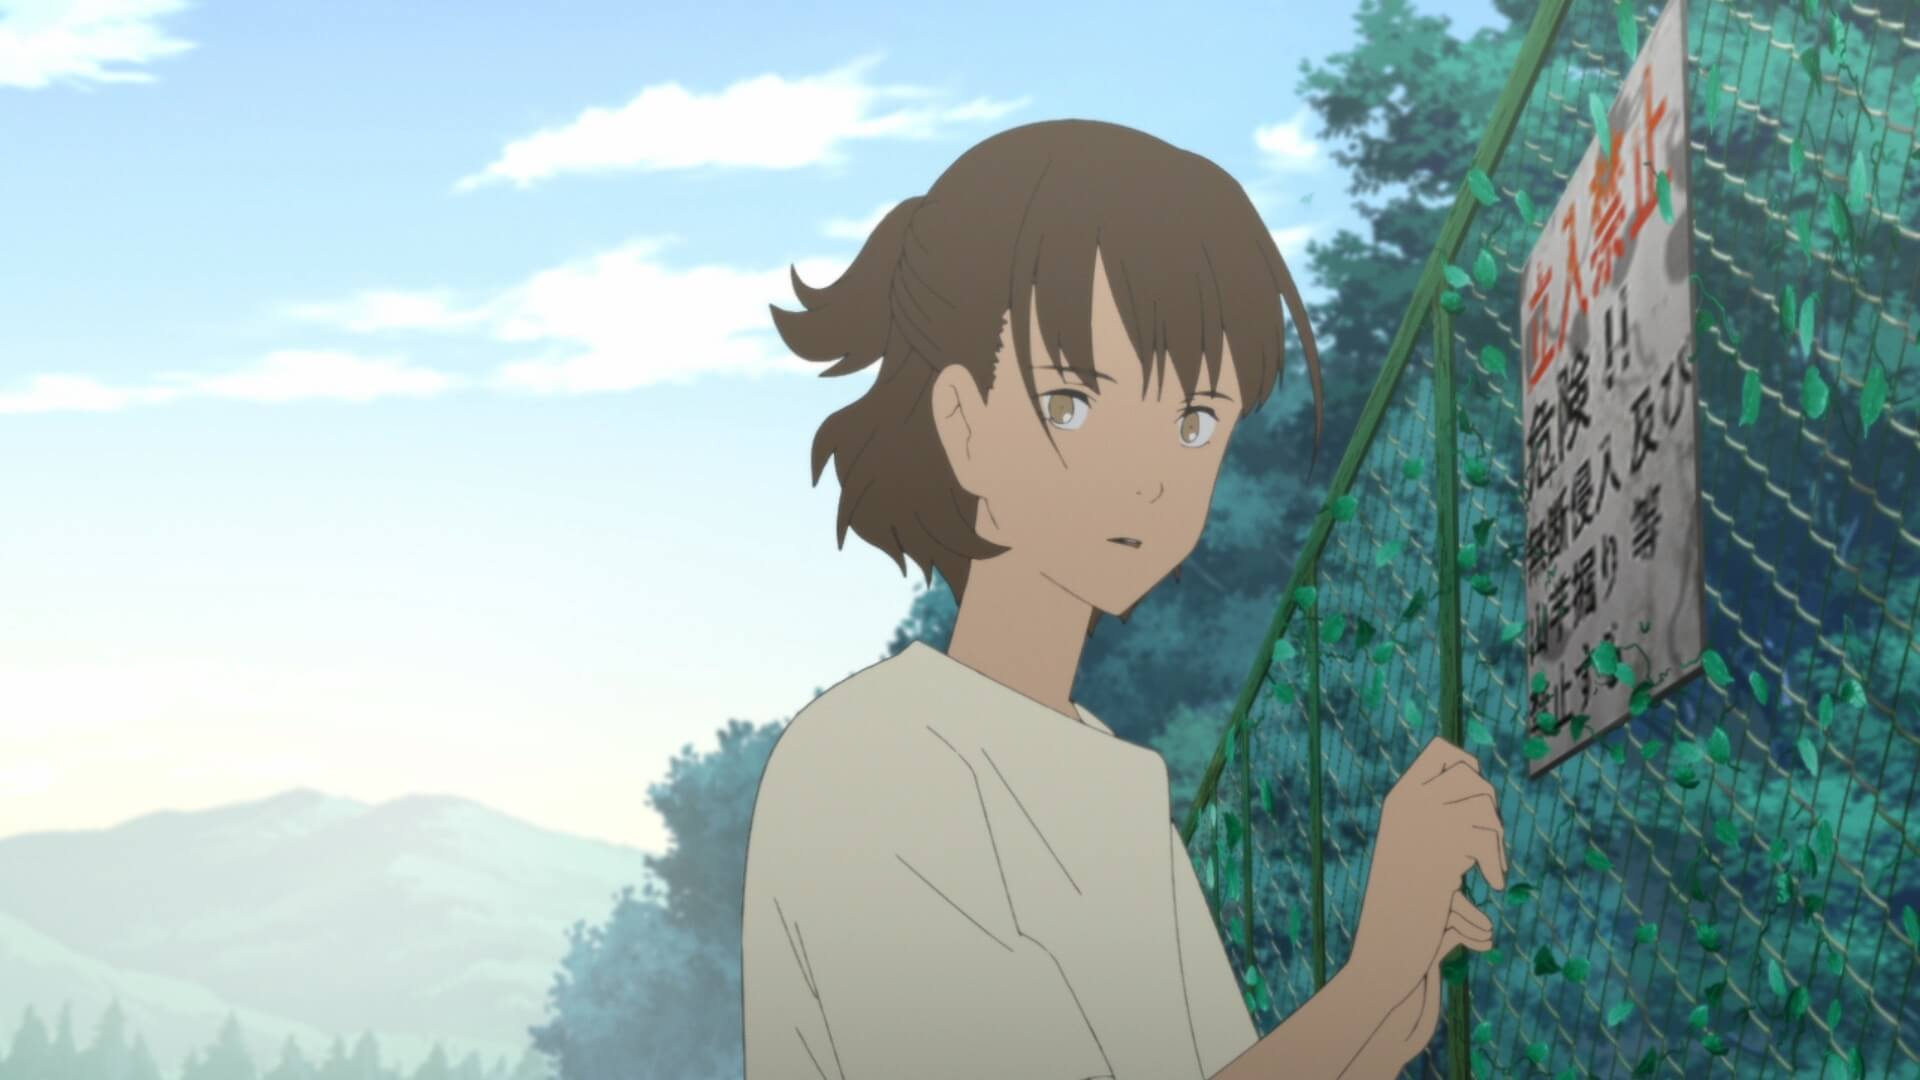 日本が沈没したのちの運命とは?Netflix『日本沈没2020』の本予告&豪華声優陣が解禁 film200529_nihonchimbotsu_7